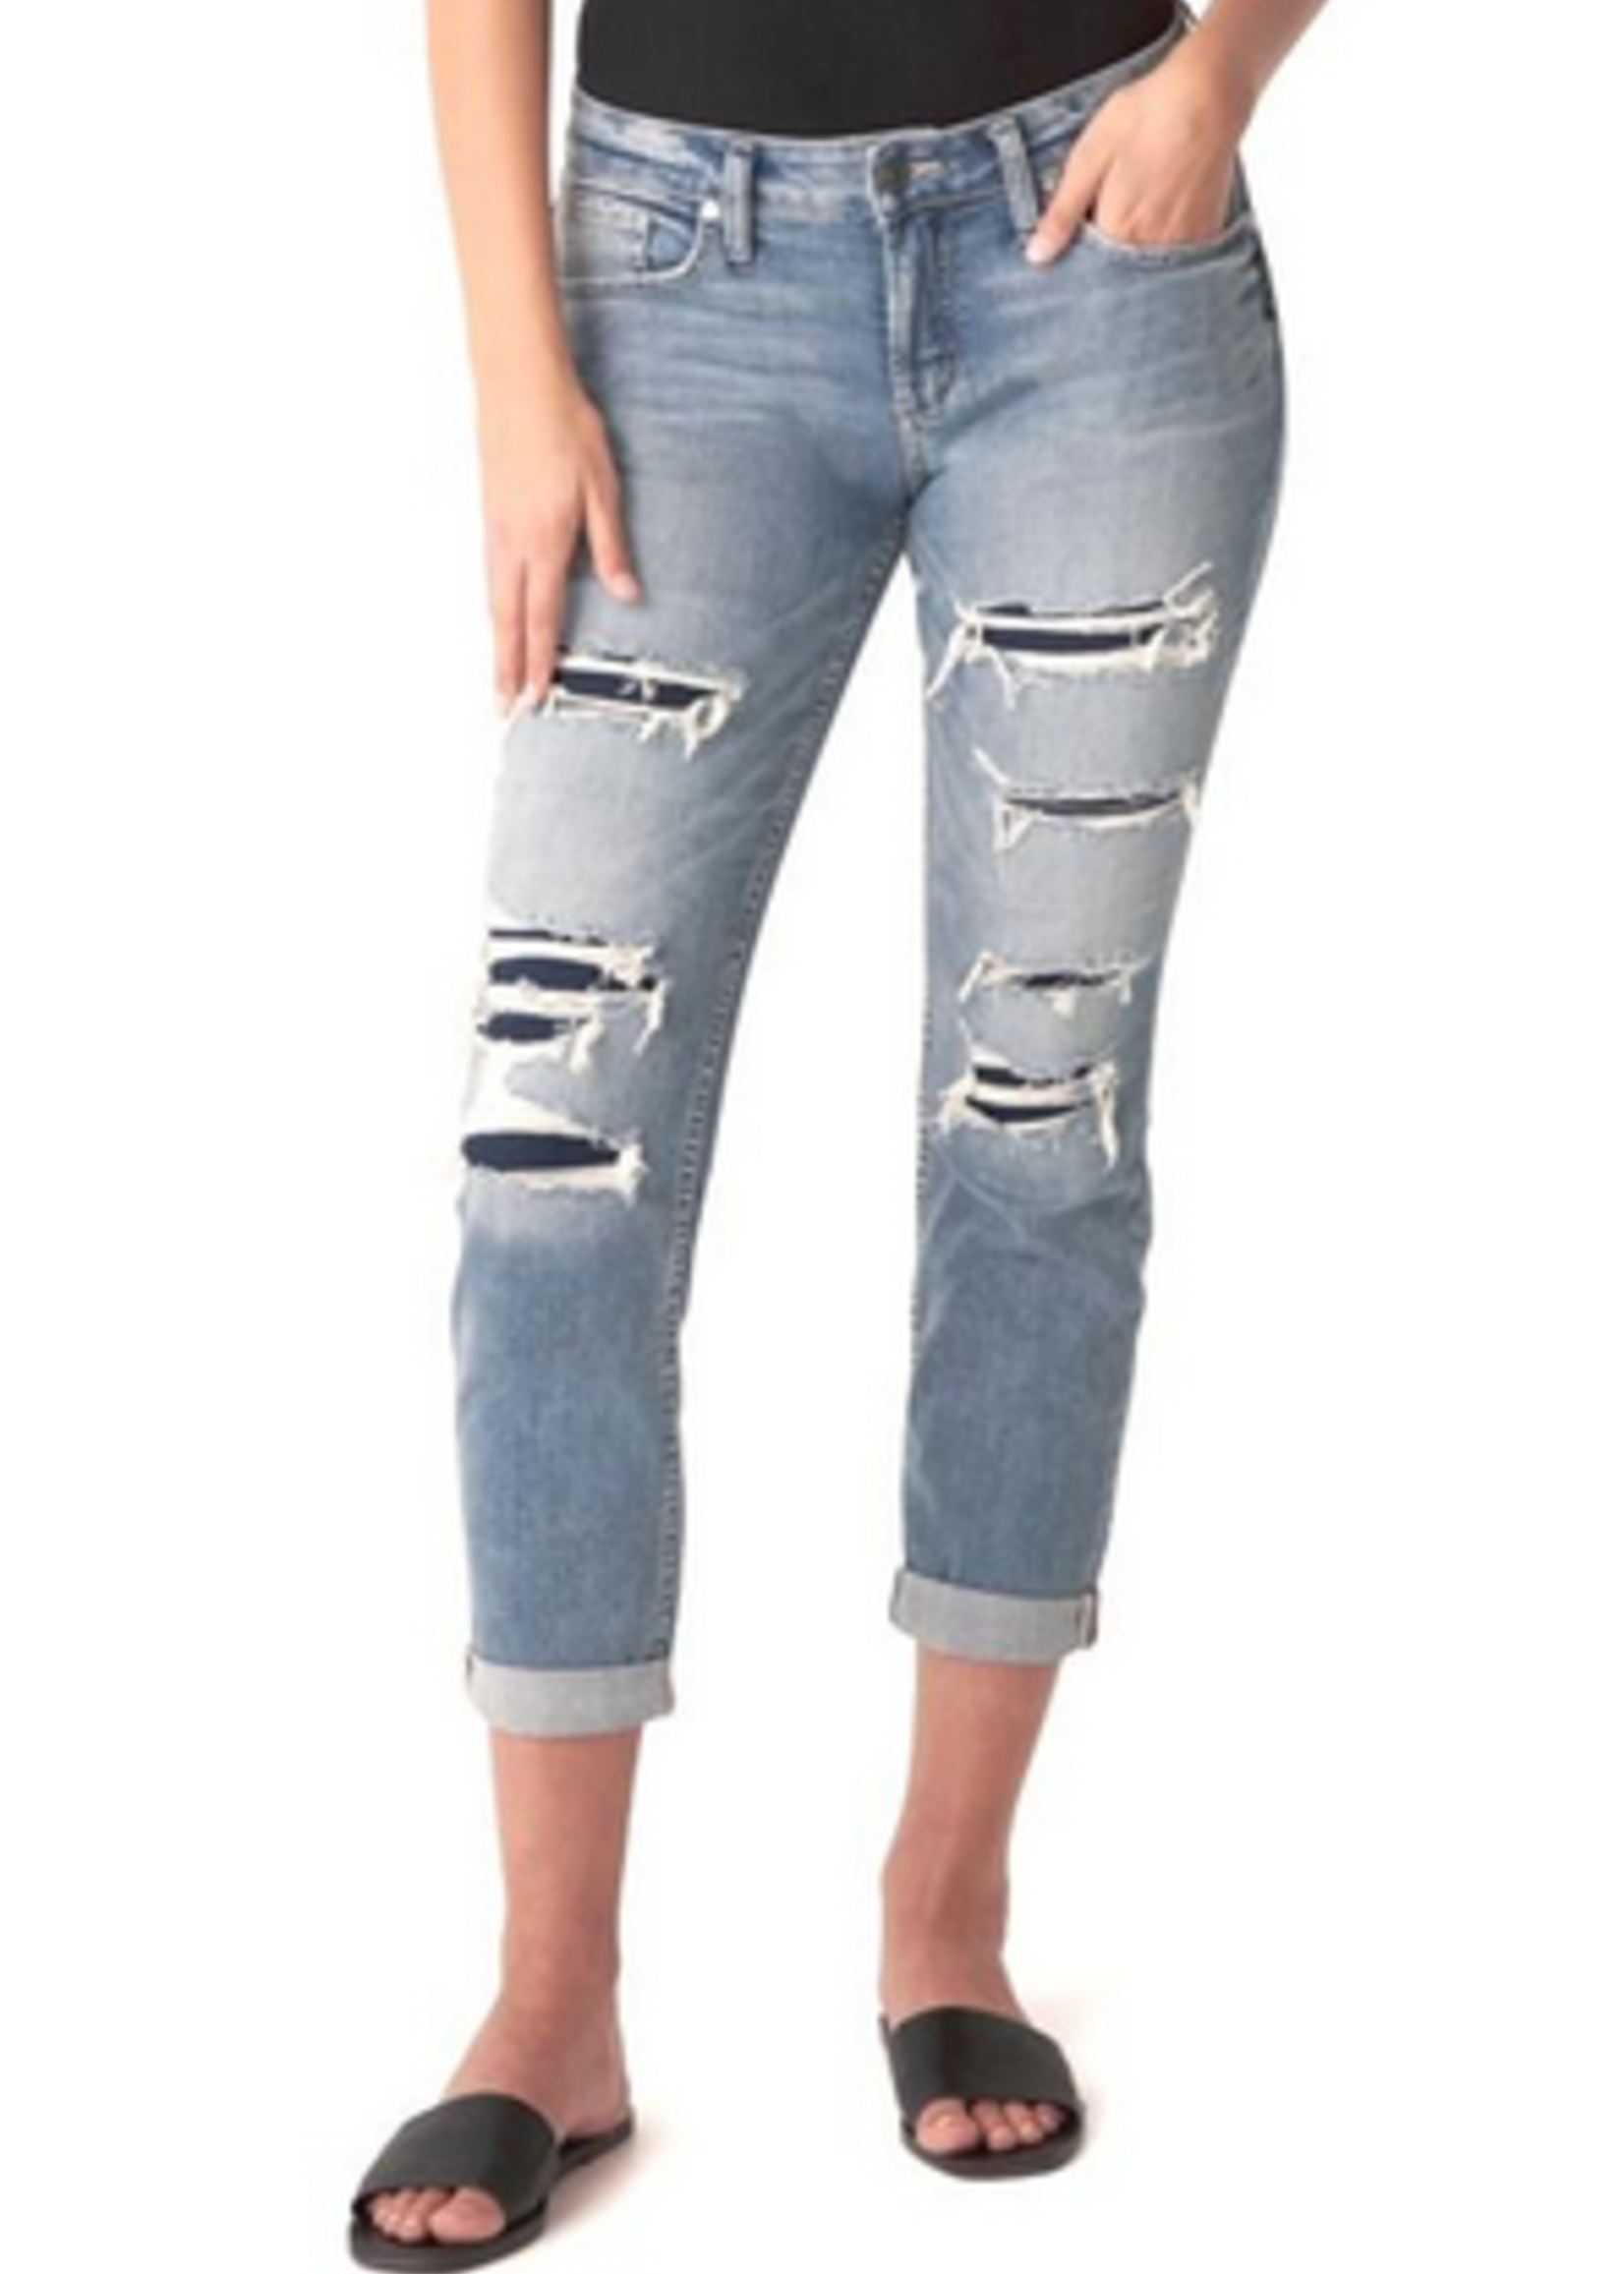 Silver Boyfriend silver jeans